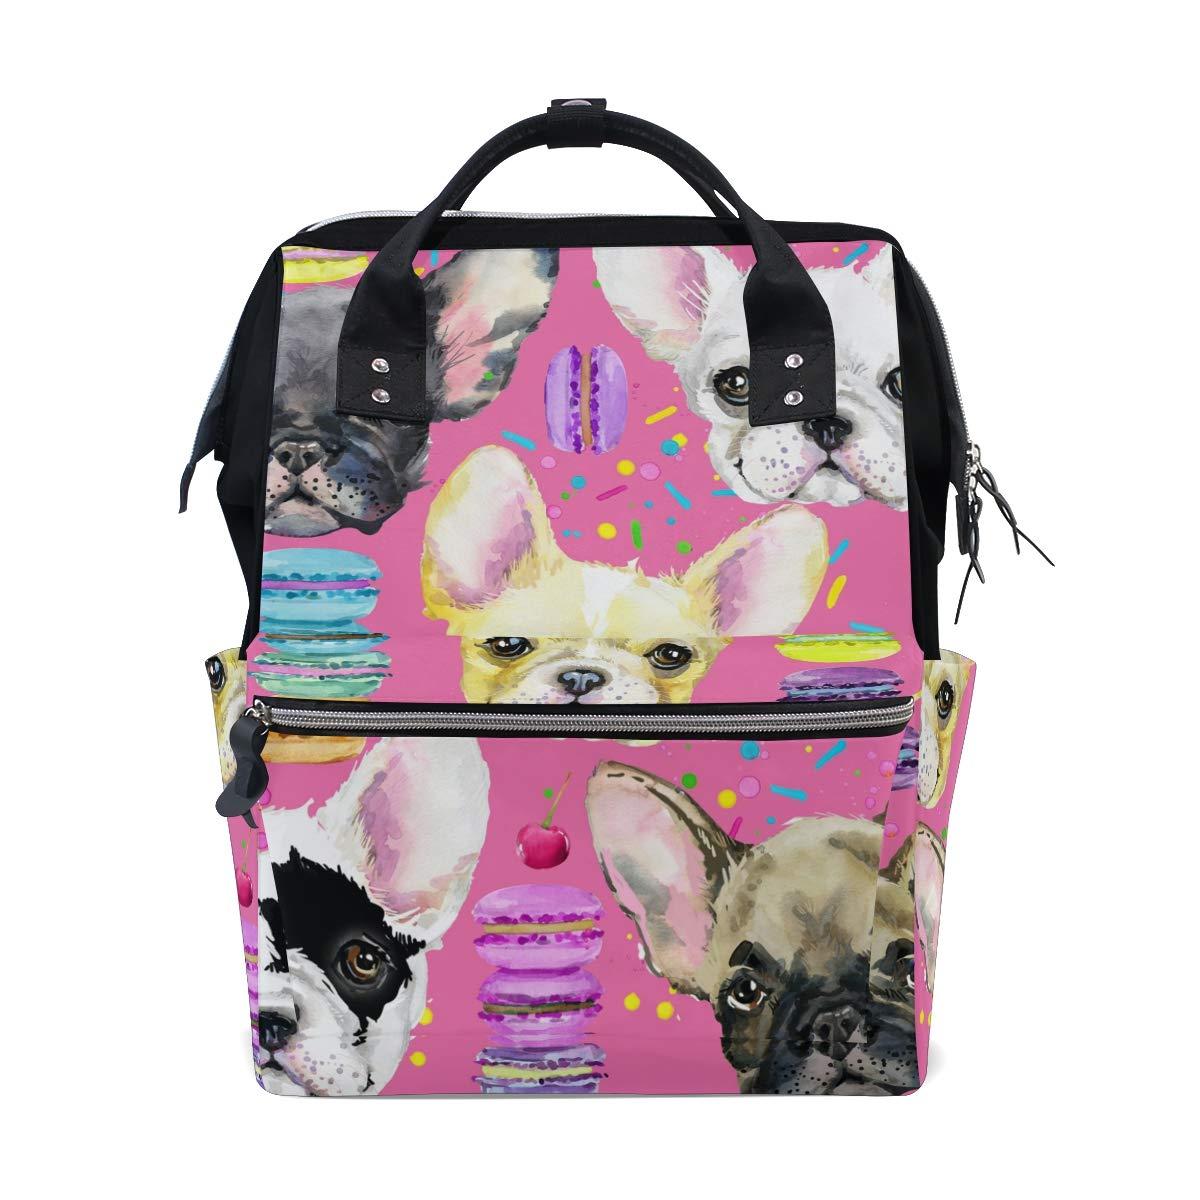 MERRYSUGAR Diaper Bag Backpack Cute Dog Pink Multifunction Travel Bag